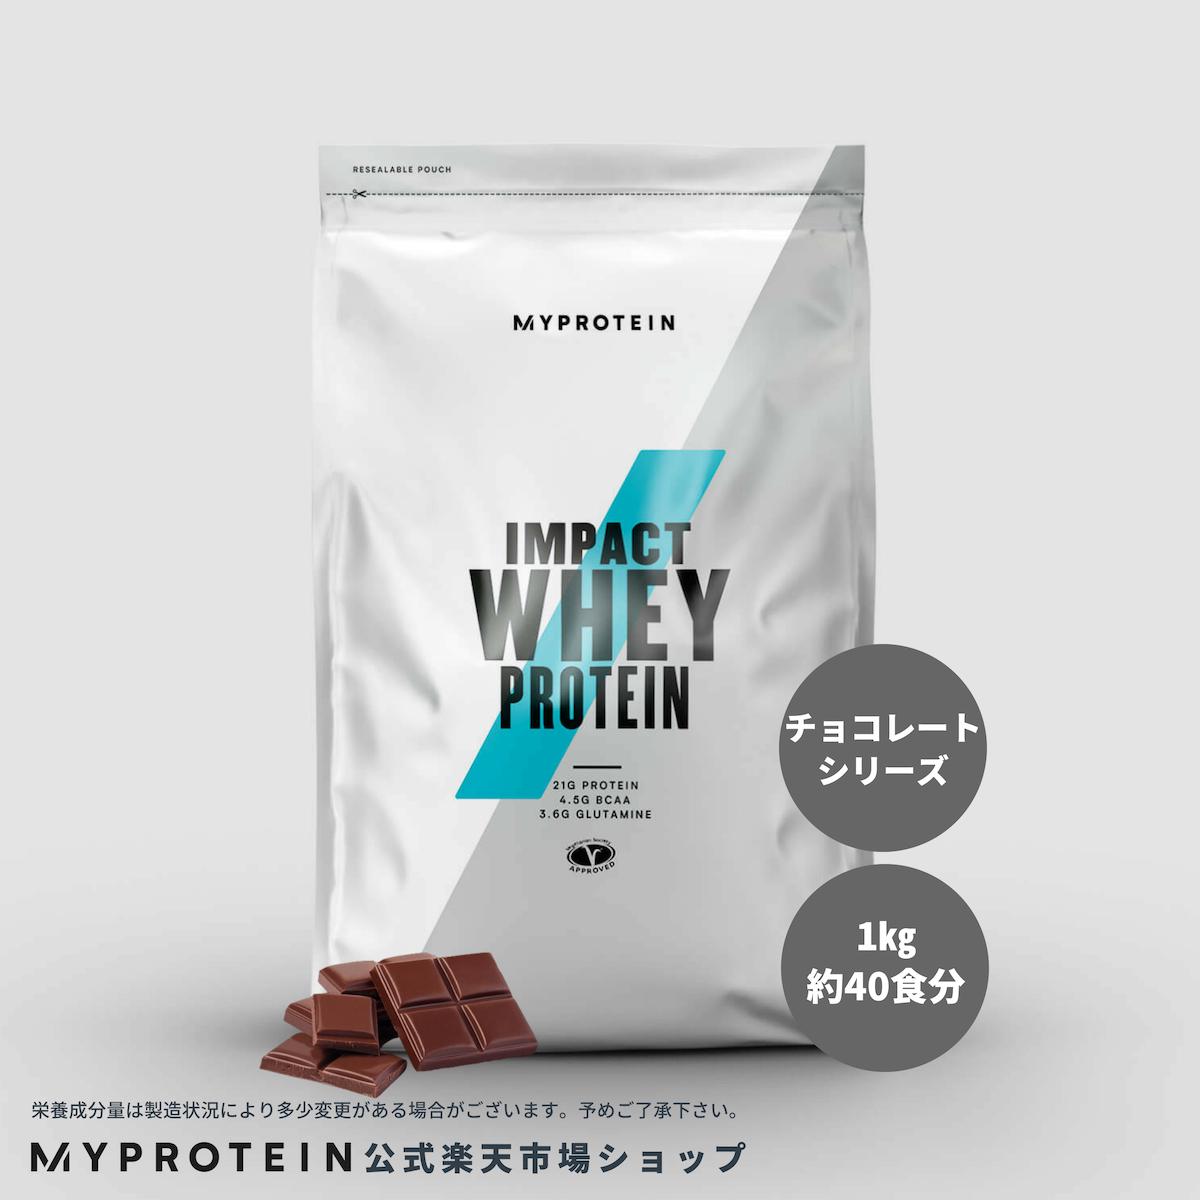 マイプロテイン 公式 【MyProtein】 Impact ホエイプロテイン (チョコレートシリーズ) 1kg 約40食分| プロテイン ホエイ ぷろていん ダイエット 筋トレ 女性 たんぱく質 タンパク質 ザバス ビーレジェンド 【楽天海外直送】